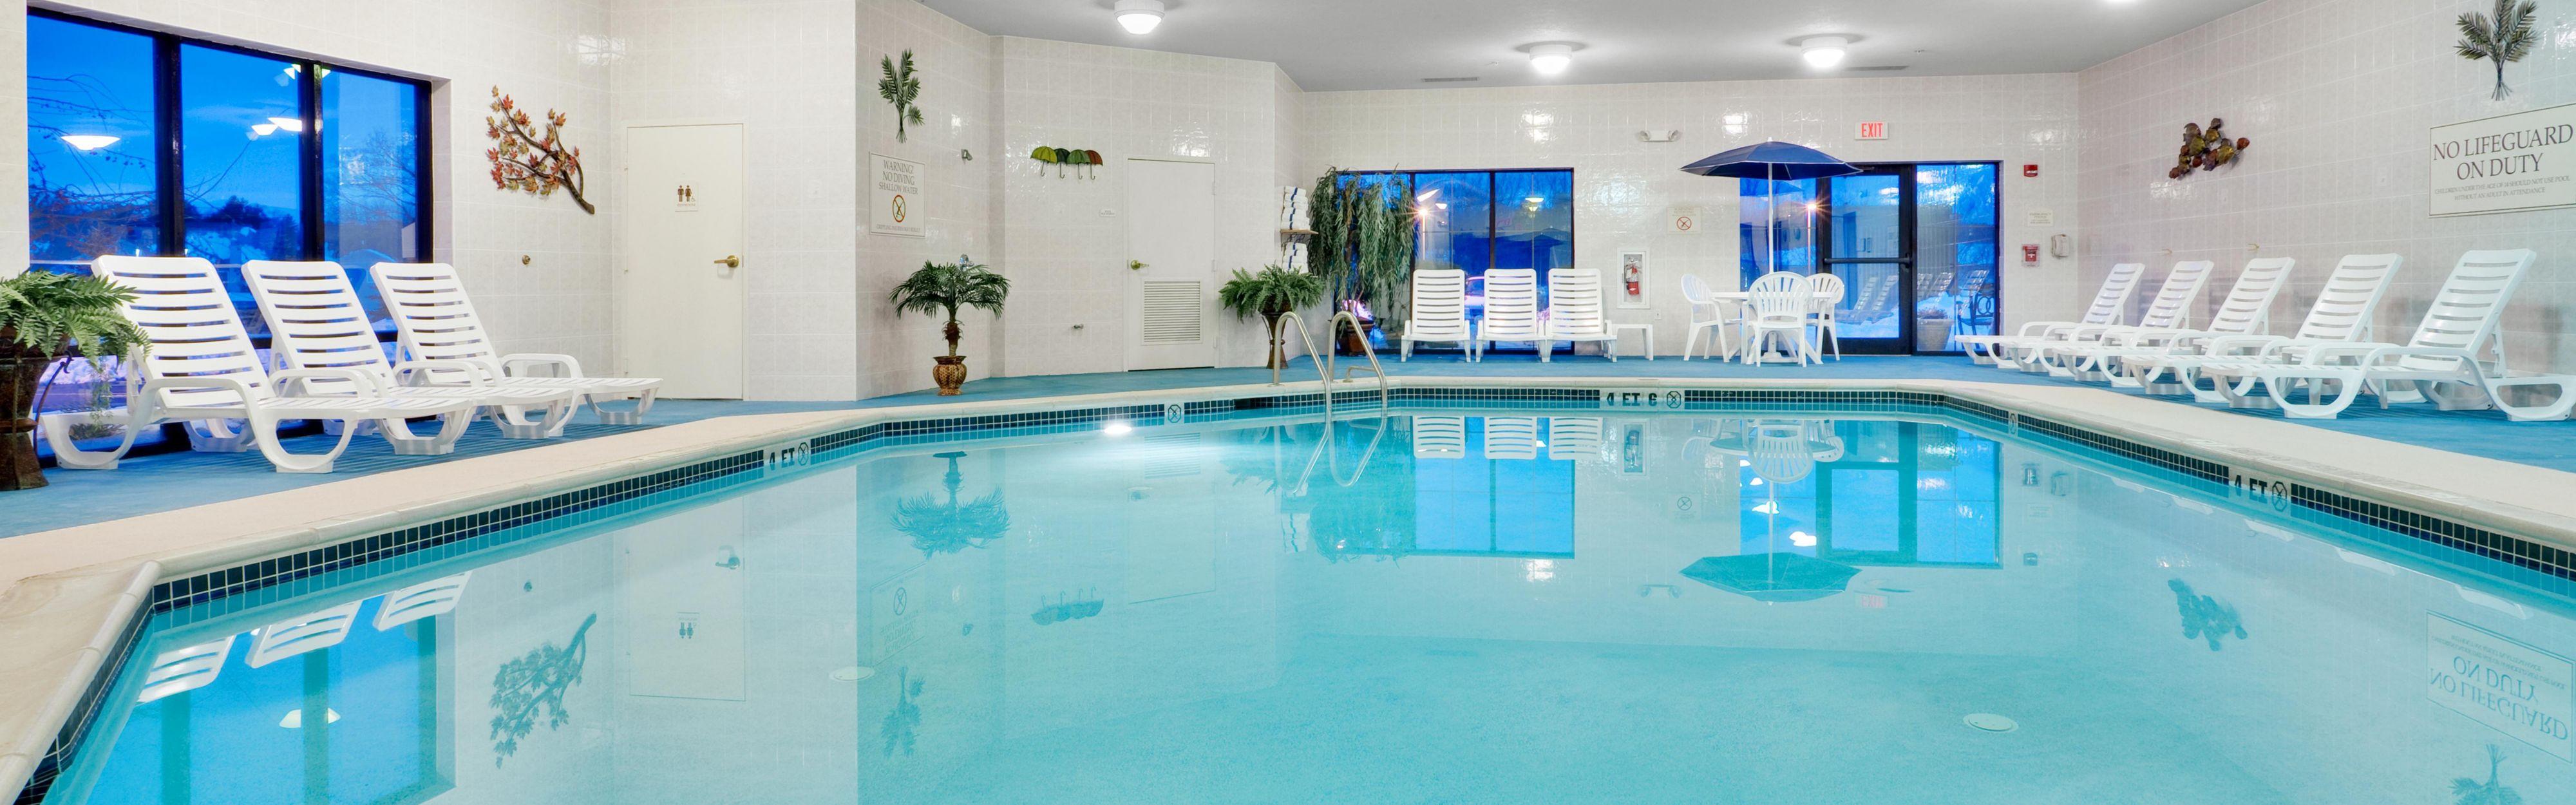 Motels In Easton Pa